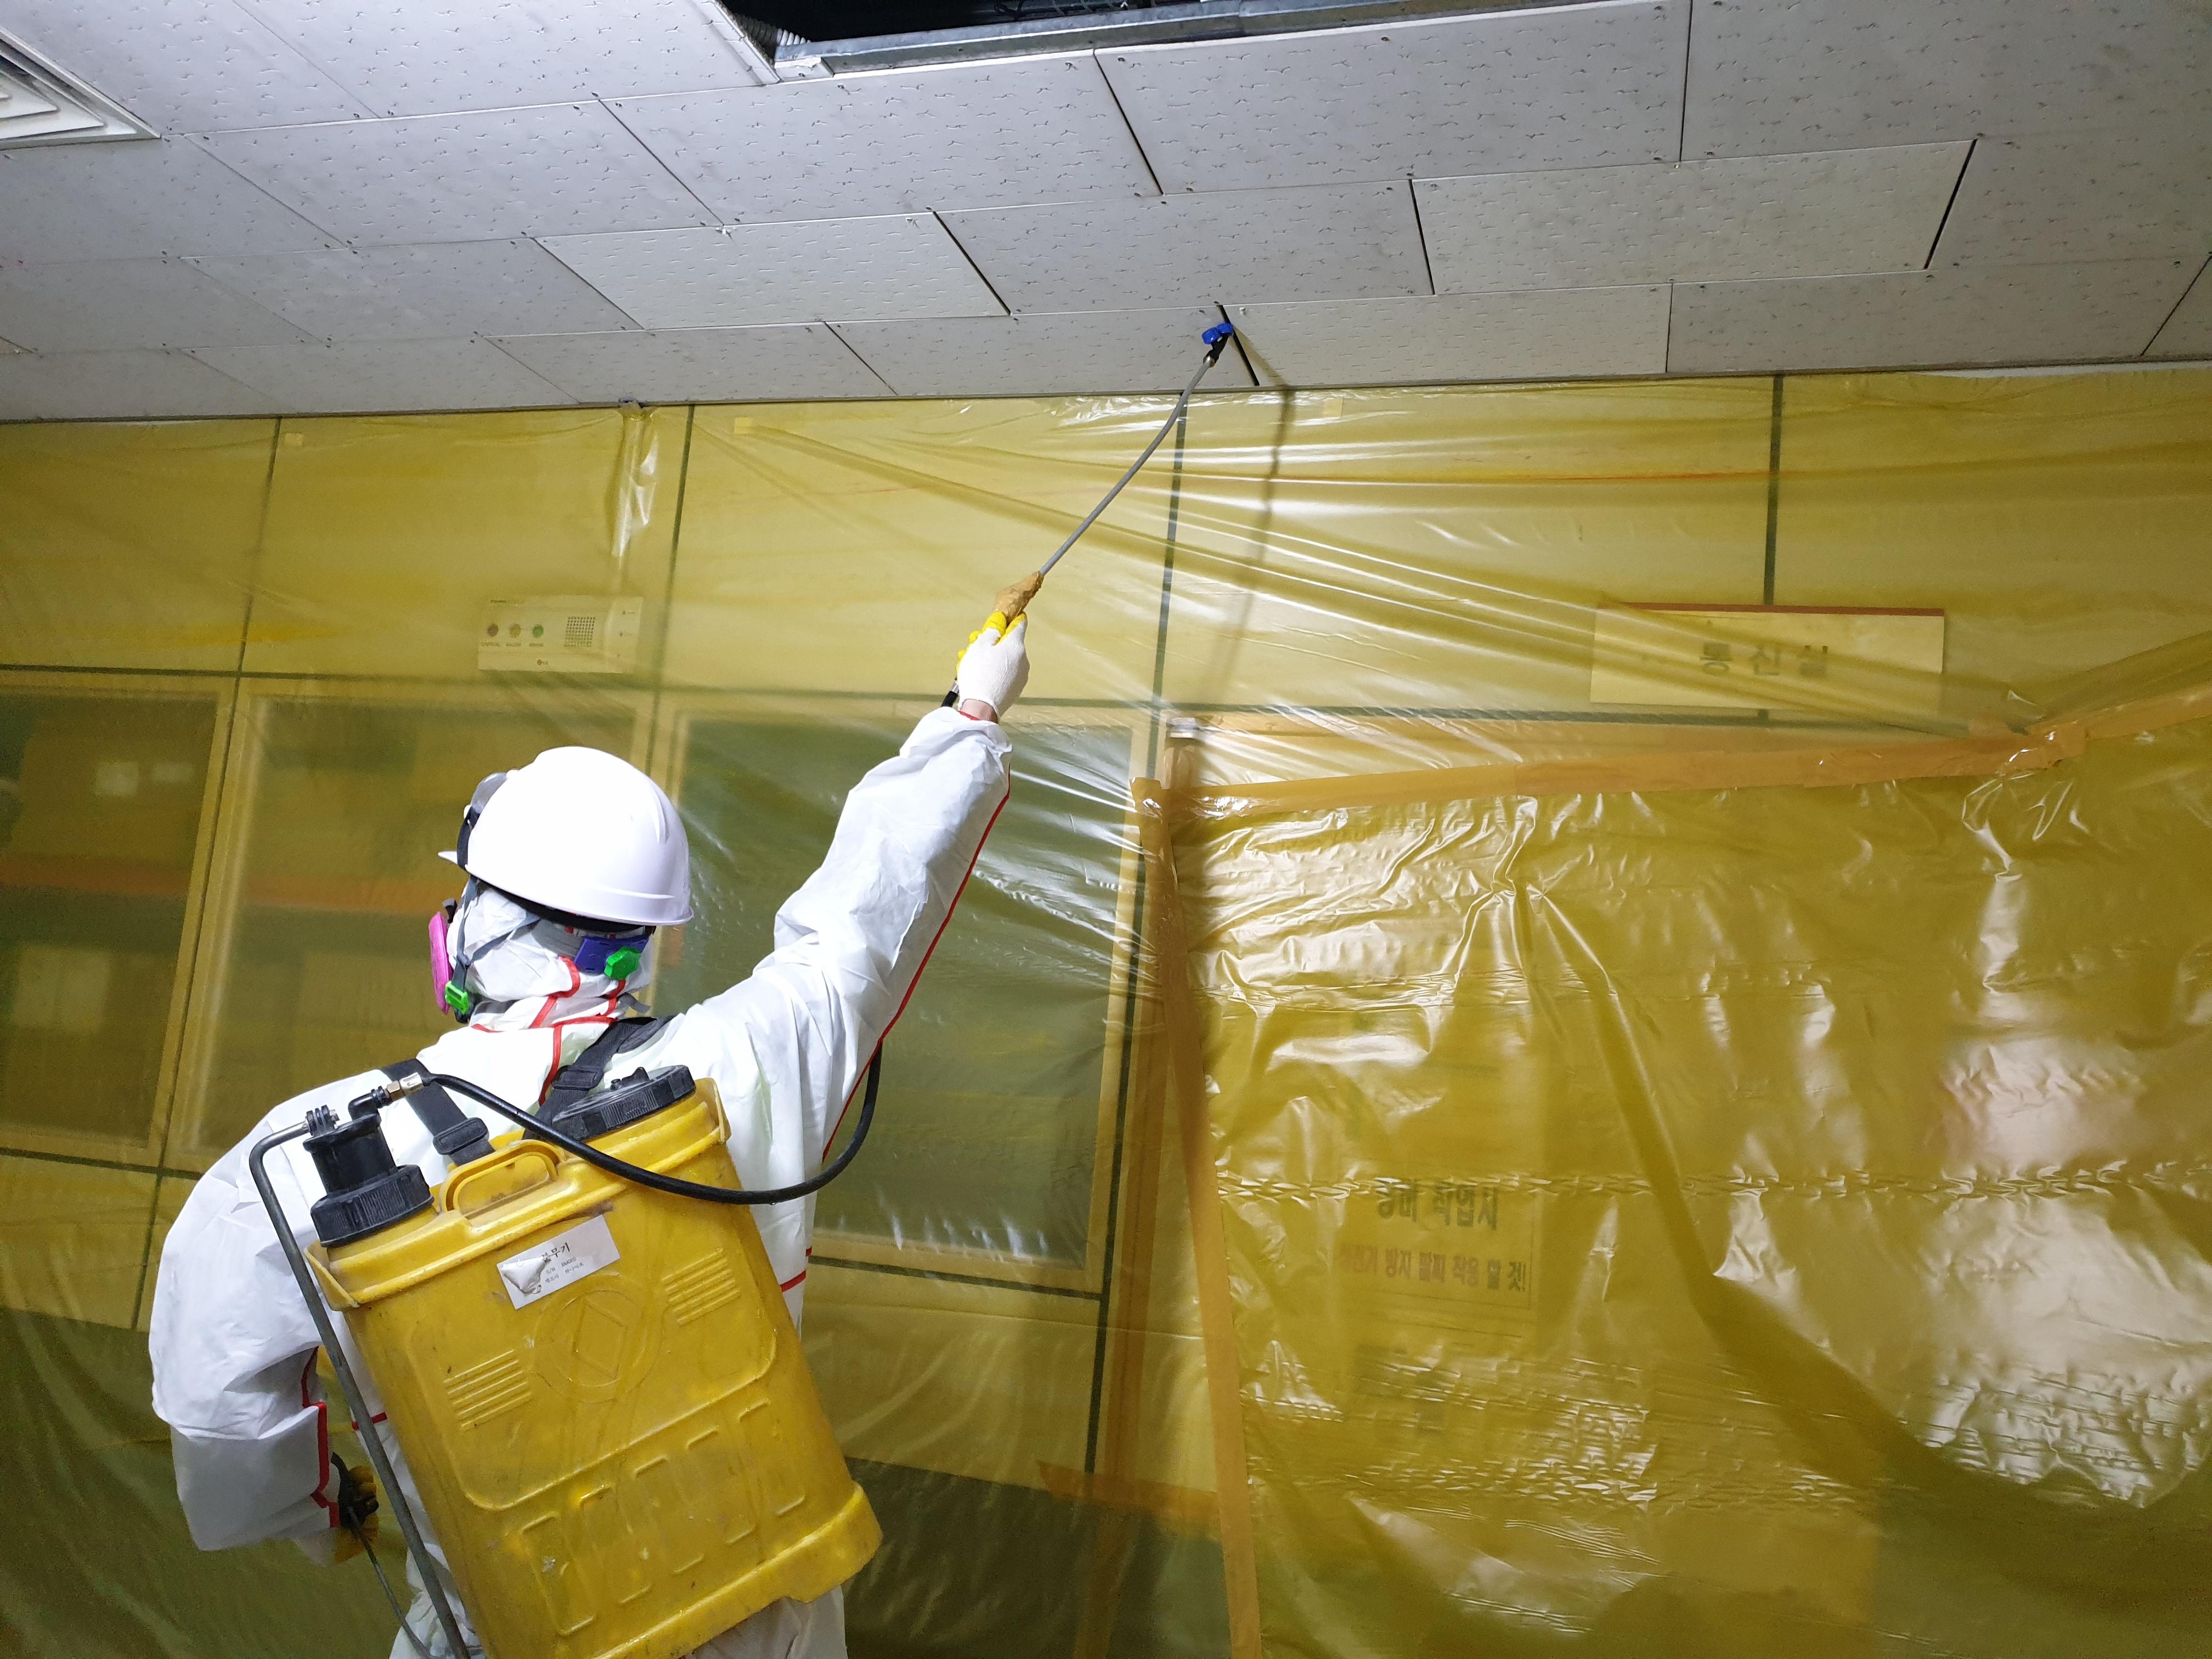 12 번째 사진  에  연면적125.09 ㎡ 창원 리모델링 공사전 텍스 석면해체 제거 현장보고서